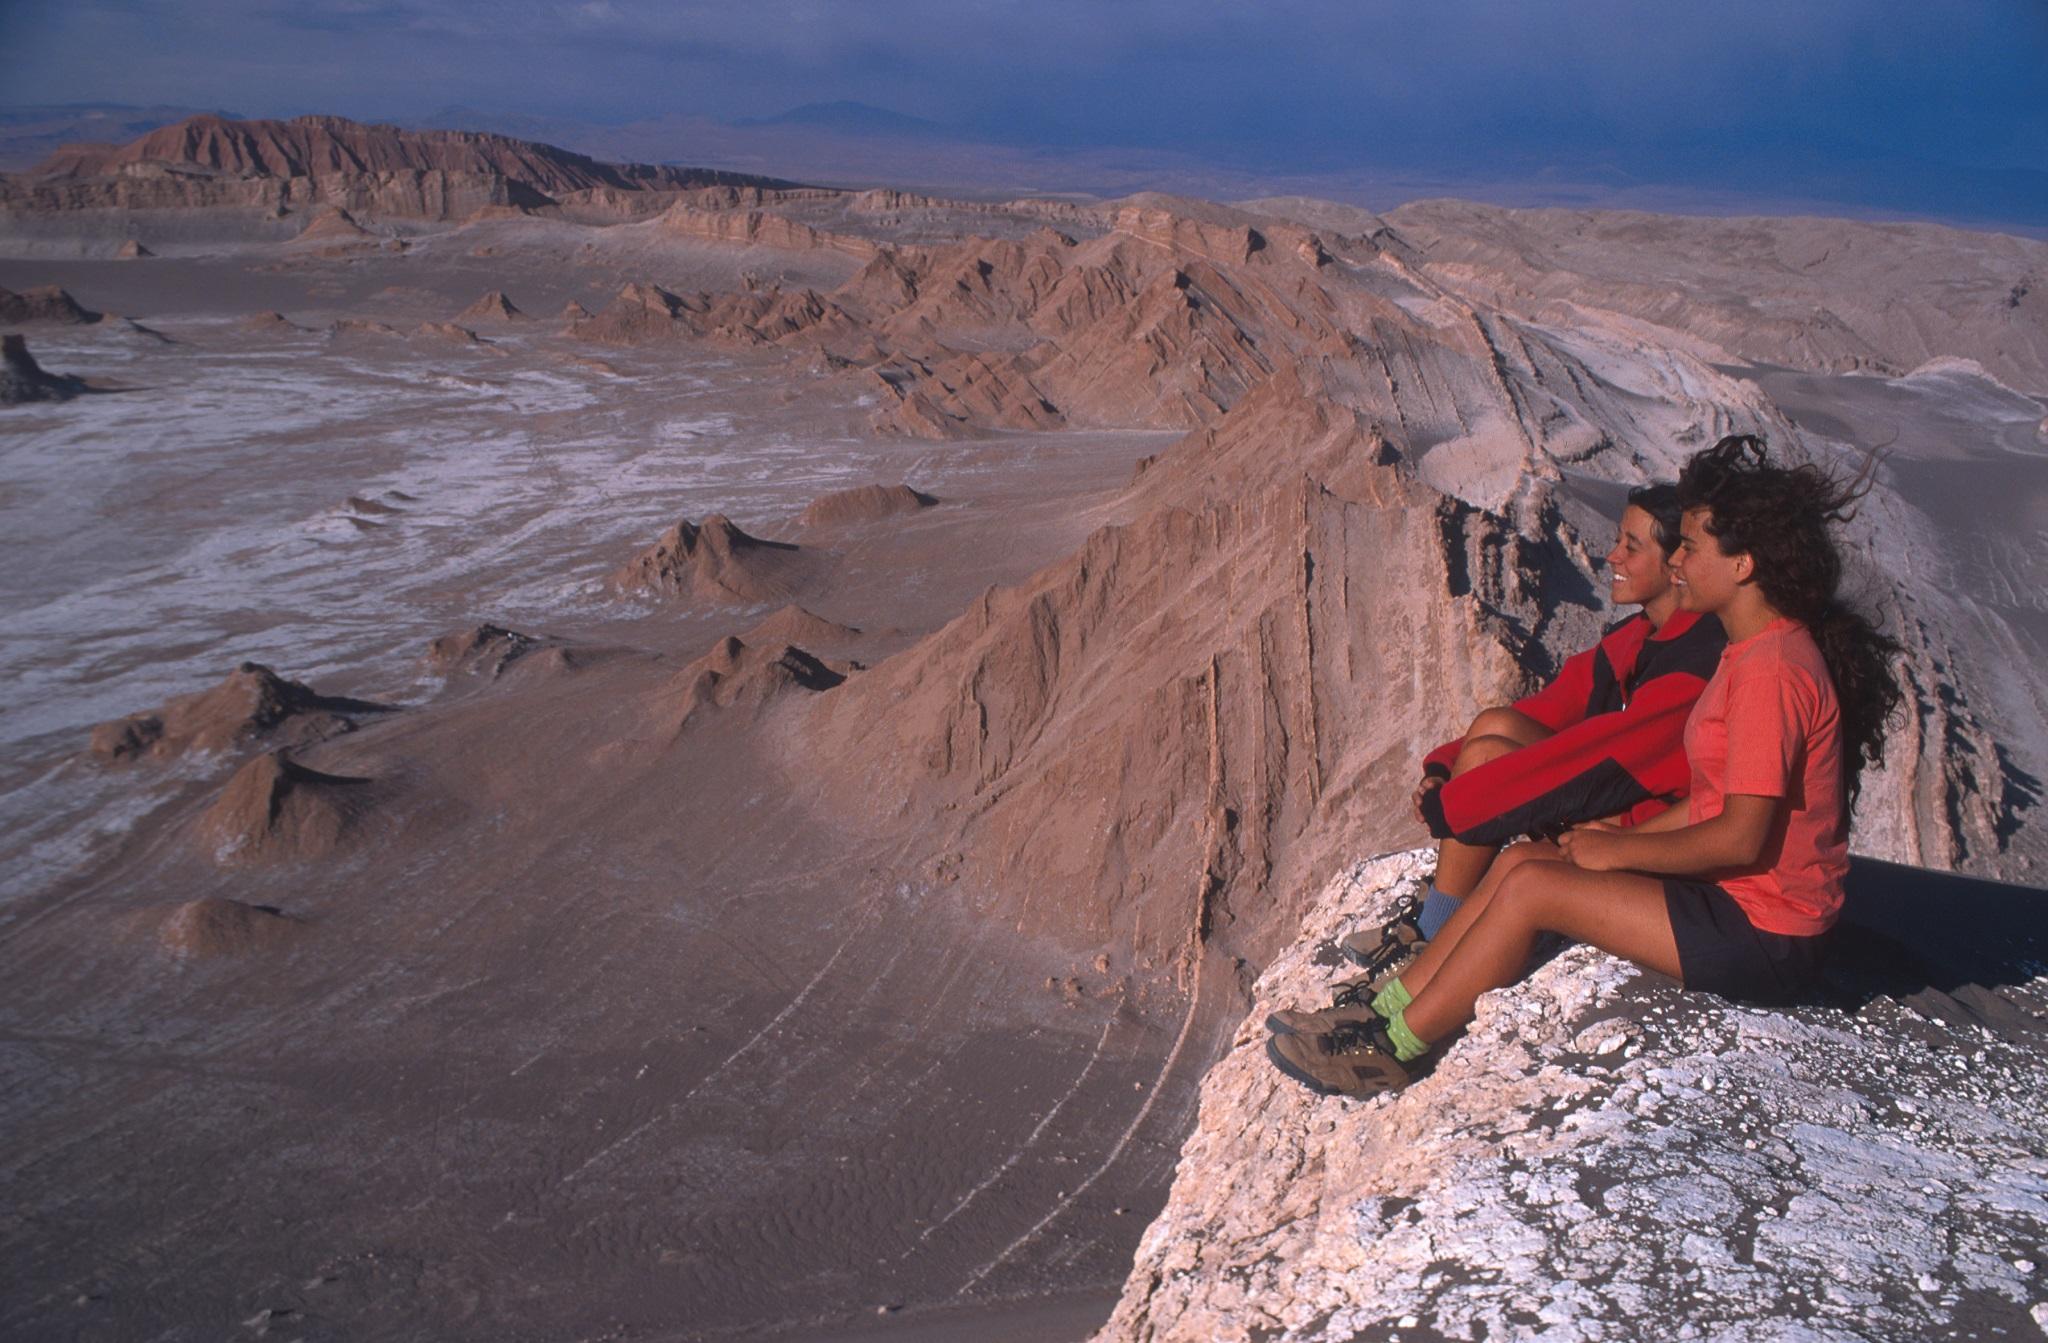 Valle de la Luna, CCordillera de la Sala, San Pedro de Atacama. . Fotografía: Servicio Nacional de Turismo - Sernatur, Fundación Imagen de Chile (FICH). -Con Copyright , Derechos Parciales CC BY- NC-ND- Creative Commons-